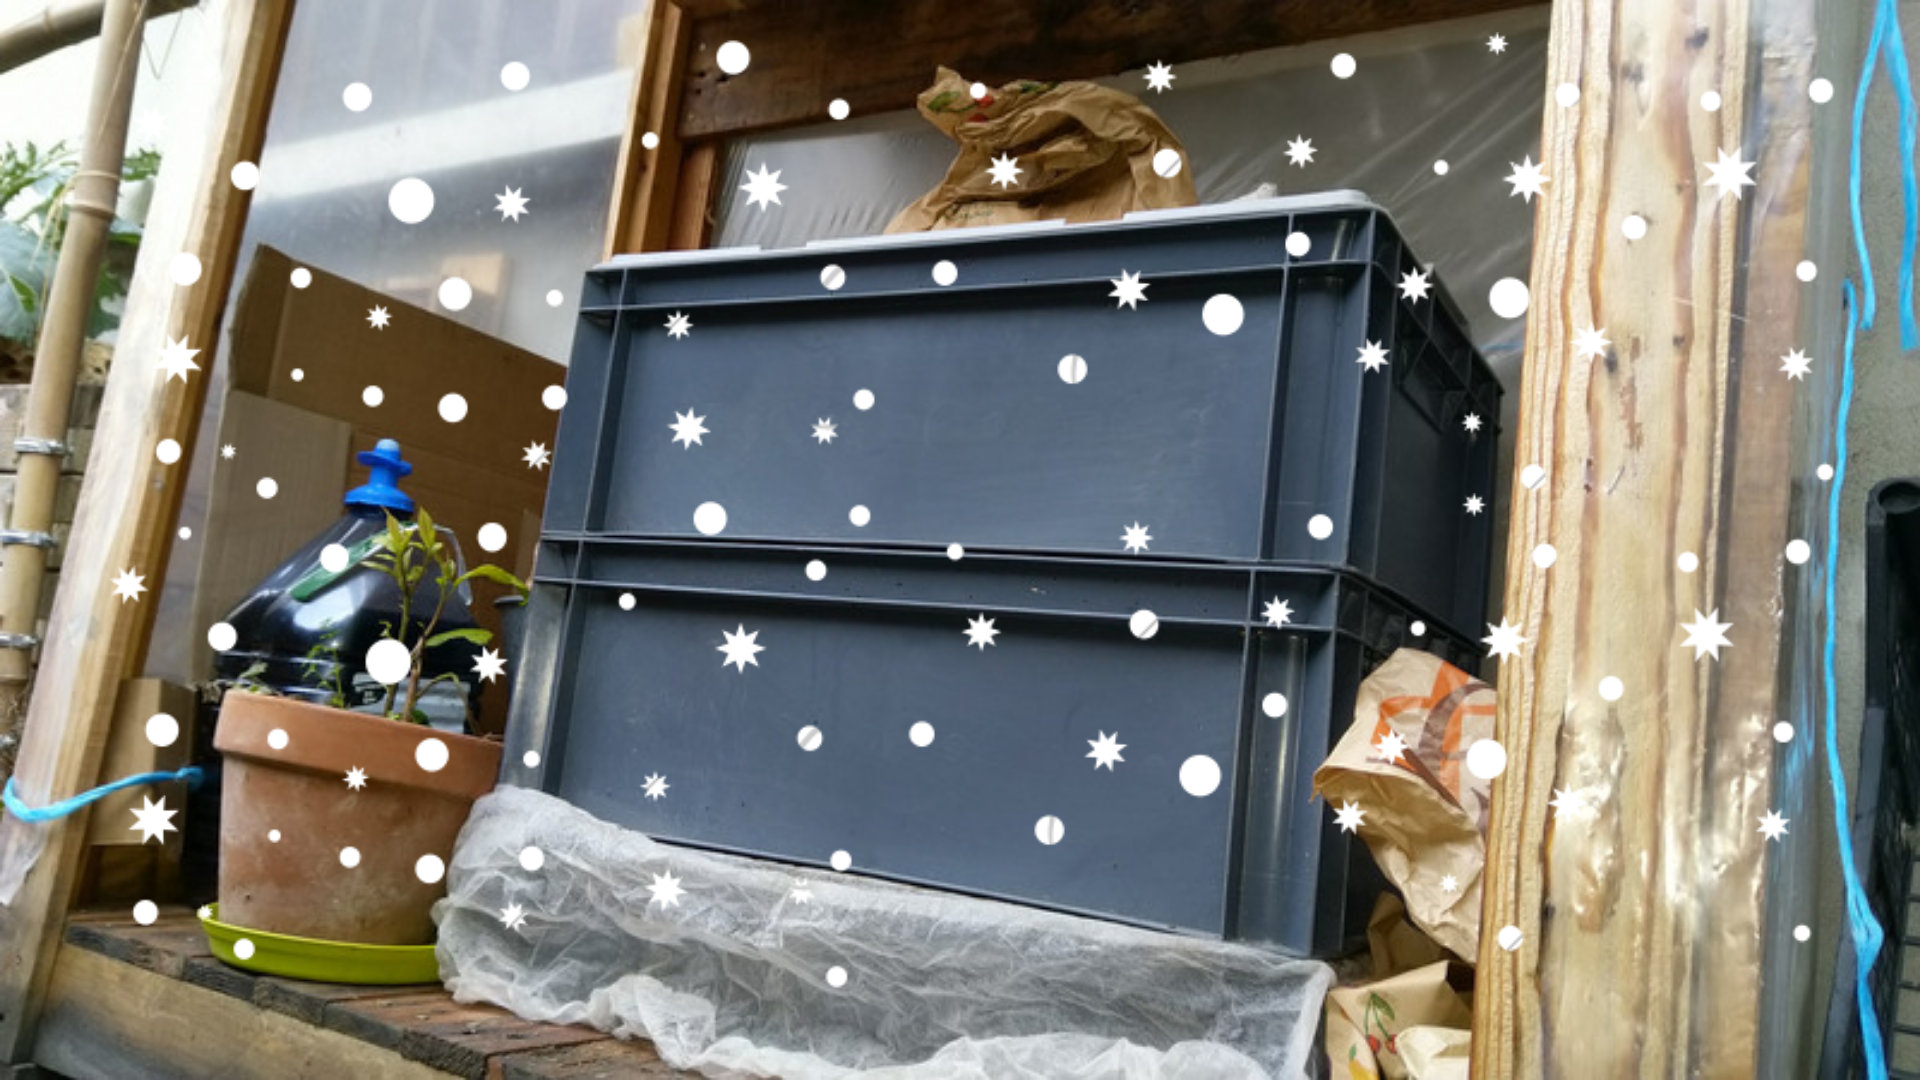 lombricomposteur-hiver-dehors-terrasse-balconlombricomposteur-hiver-dehors-terrasse-balcon